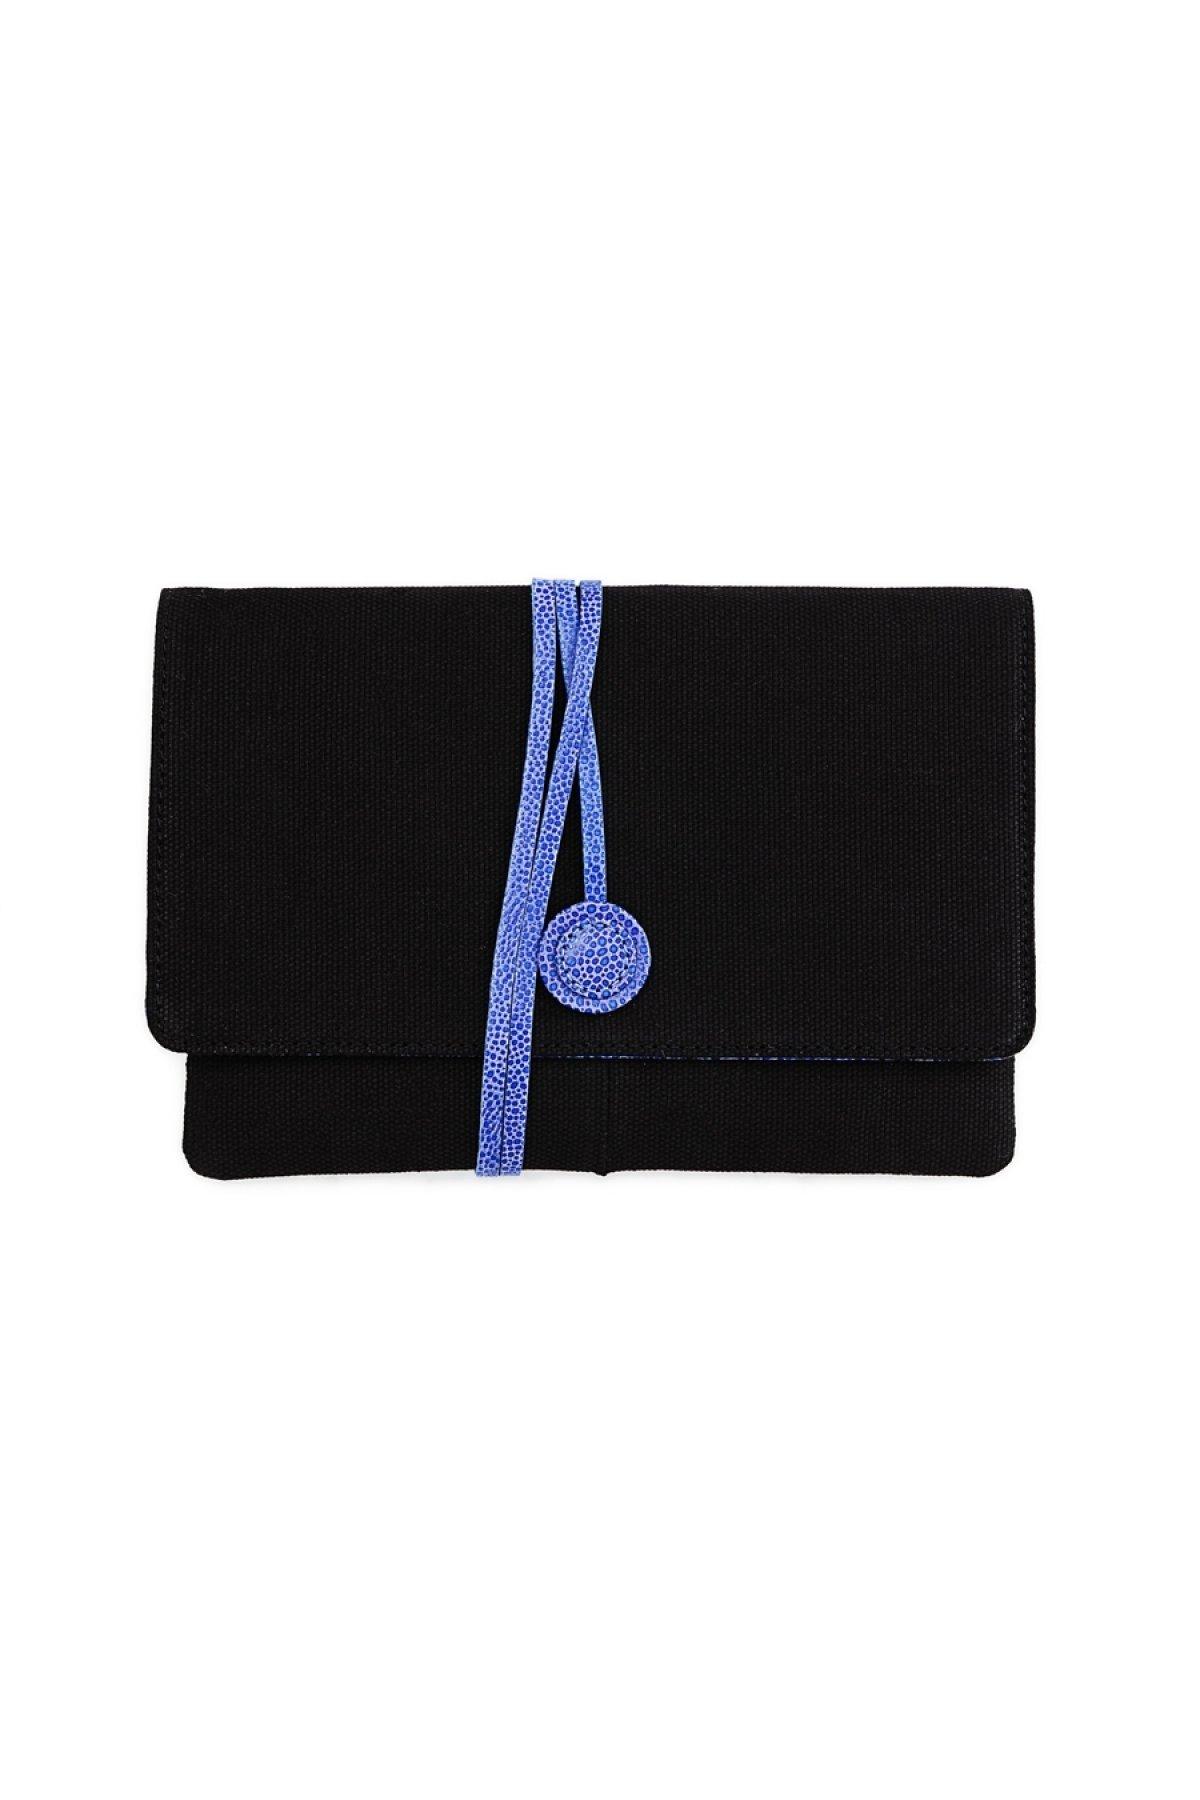 Jetzt kaufen Hyde Park Blue Clutch mit Gutscheinrabatt von Carnet de Mode - Damen~Taschen & Rucksäcke.